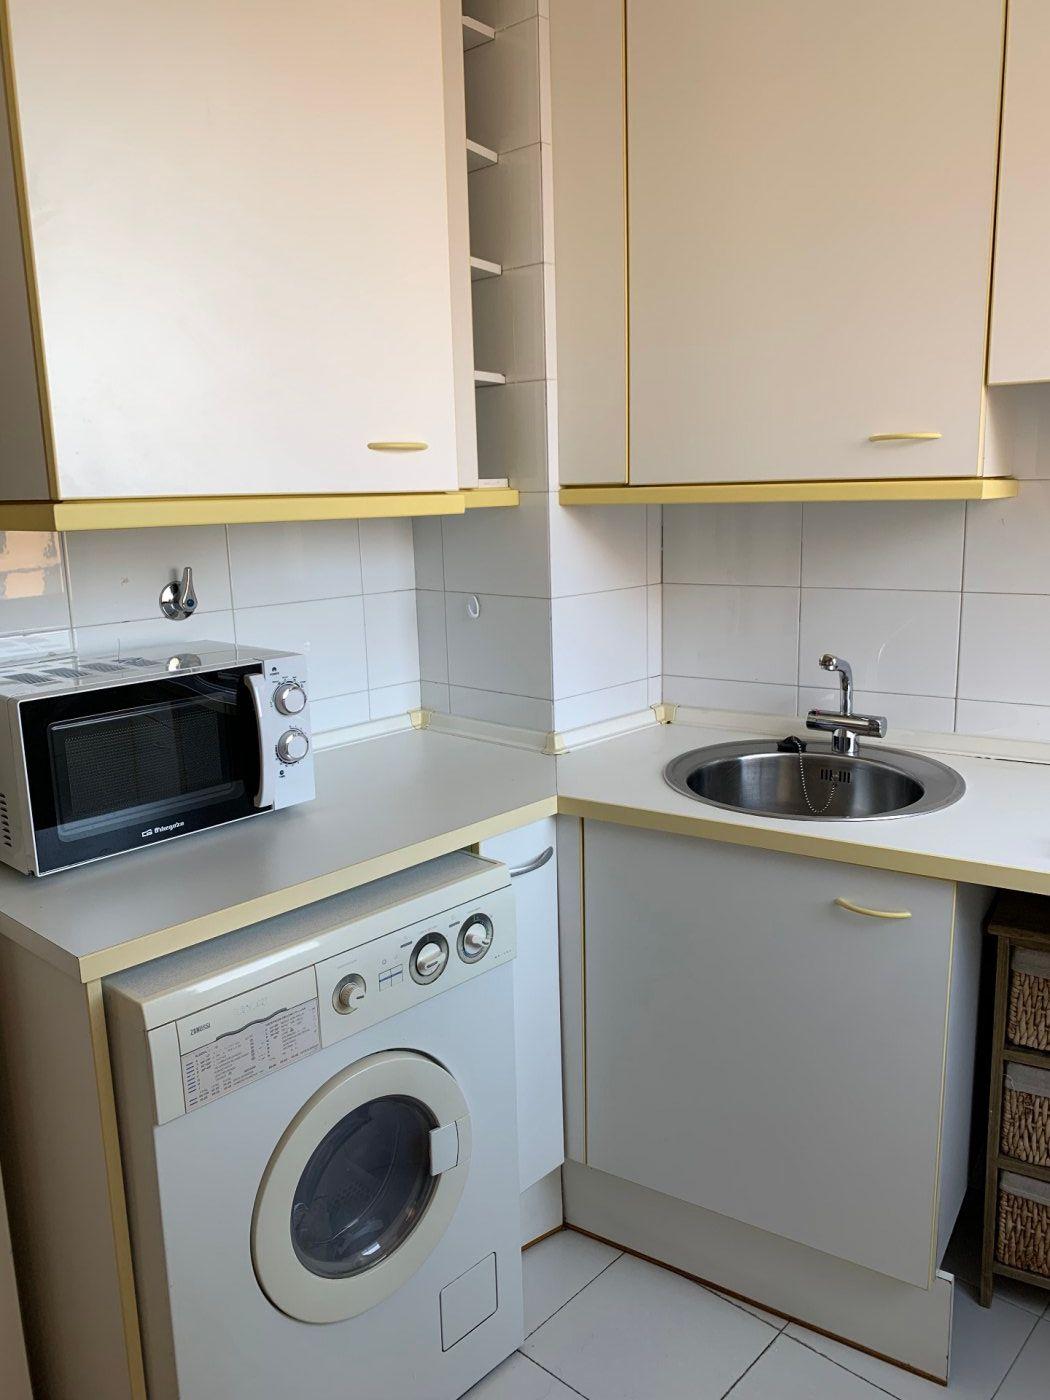 Venta o alquiler de piso en madrid - imagenInmueble22